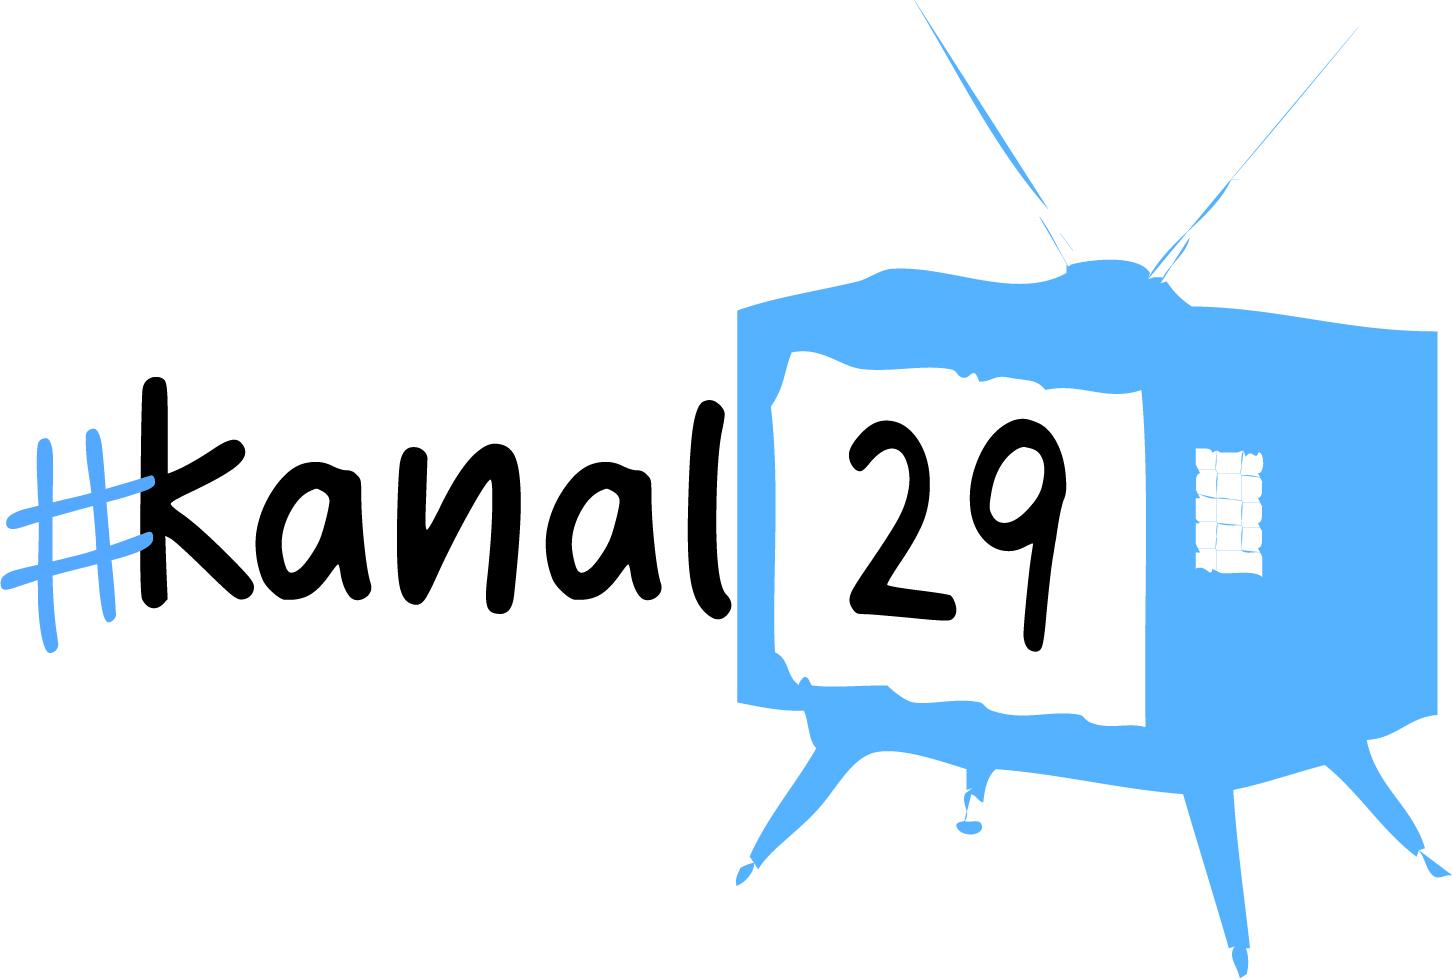 Kanal29